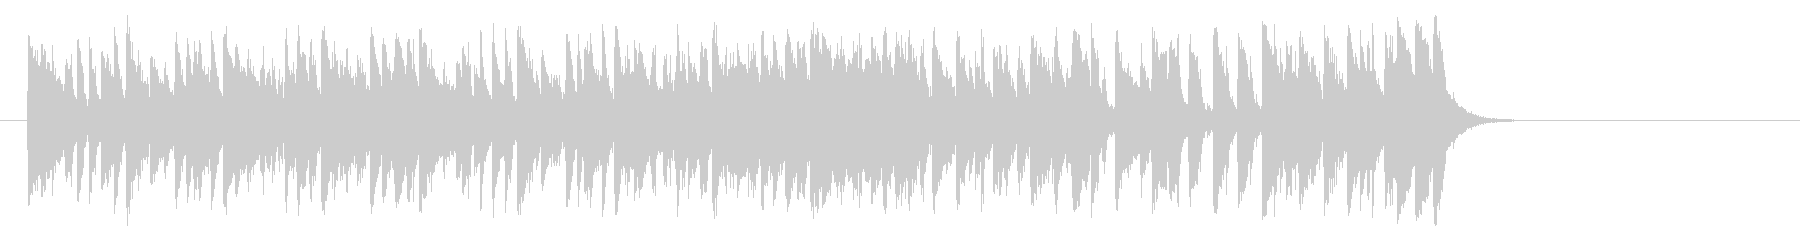 夏のフュージョンポップ(サビ~イントロ)の未再生の波形